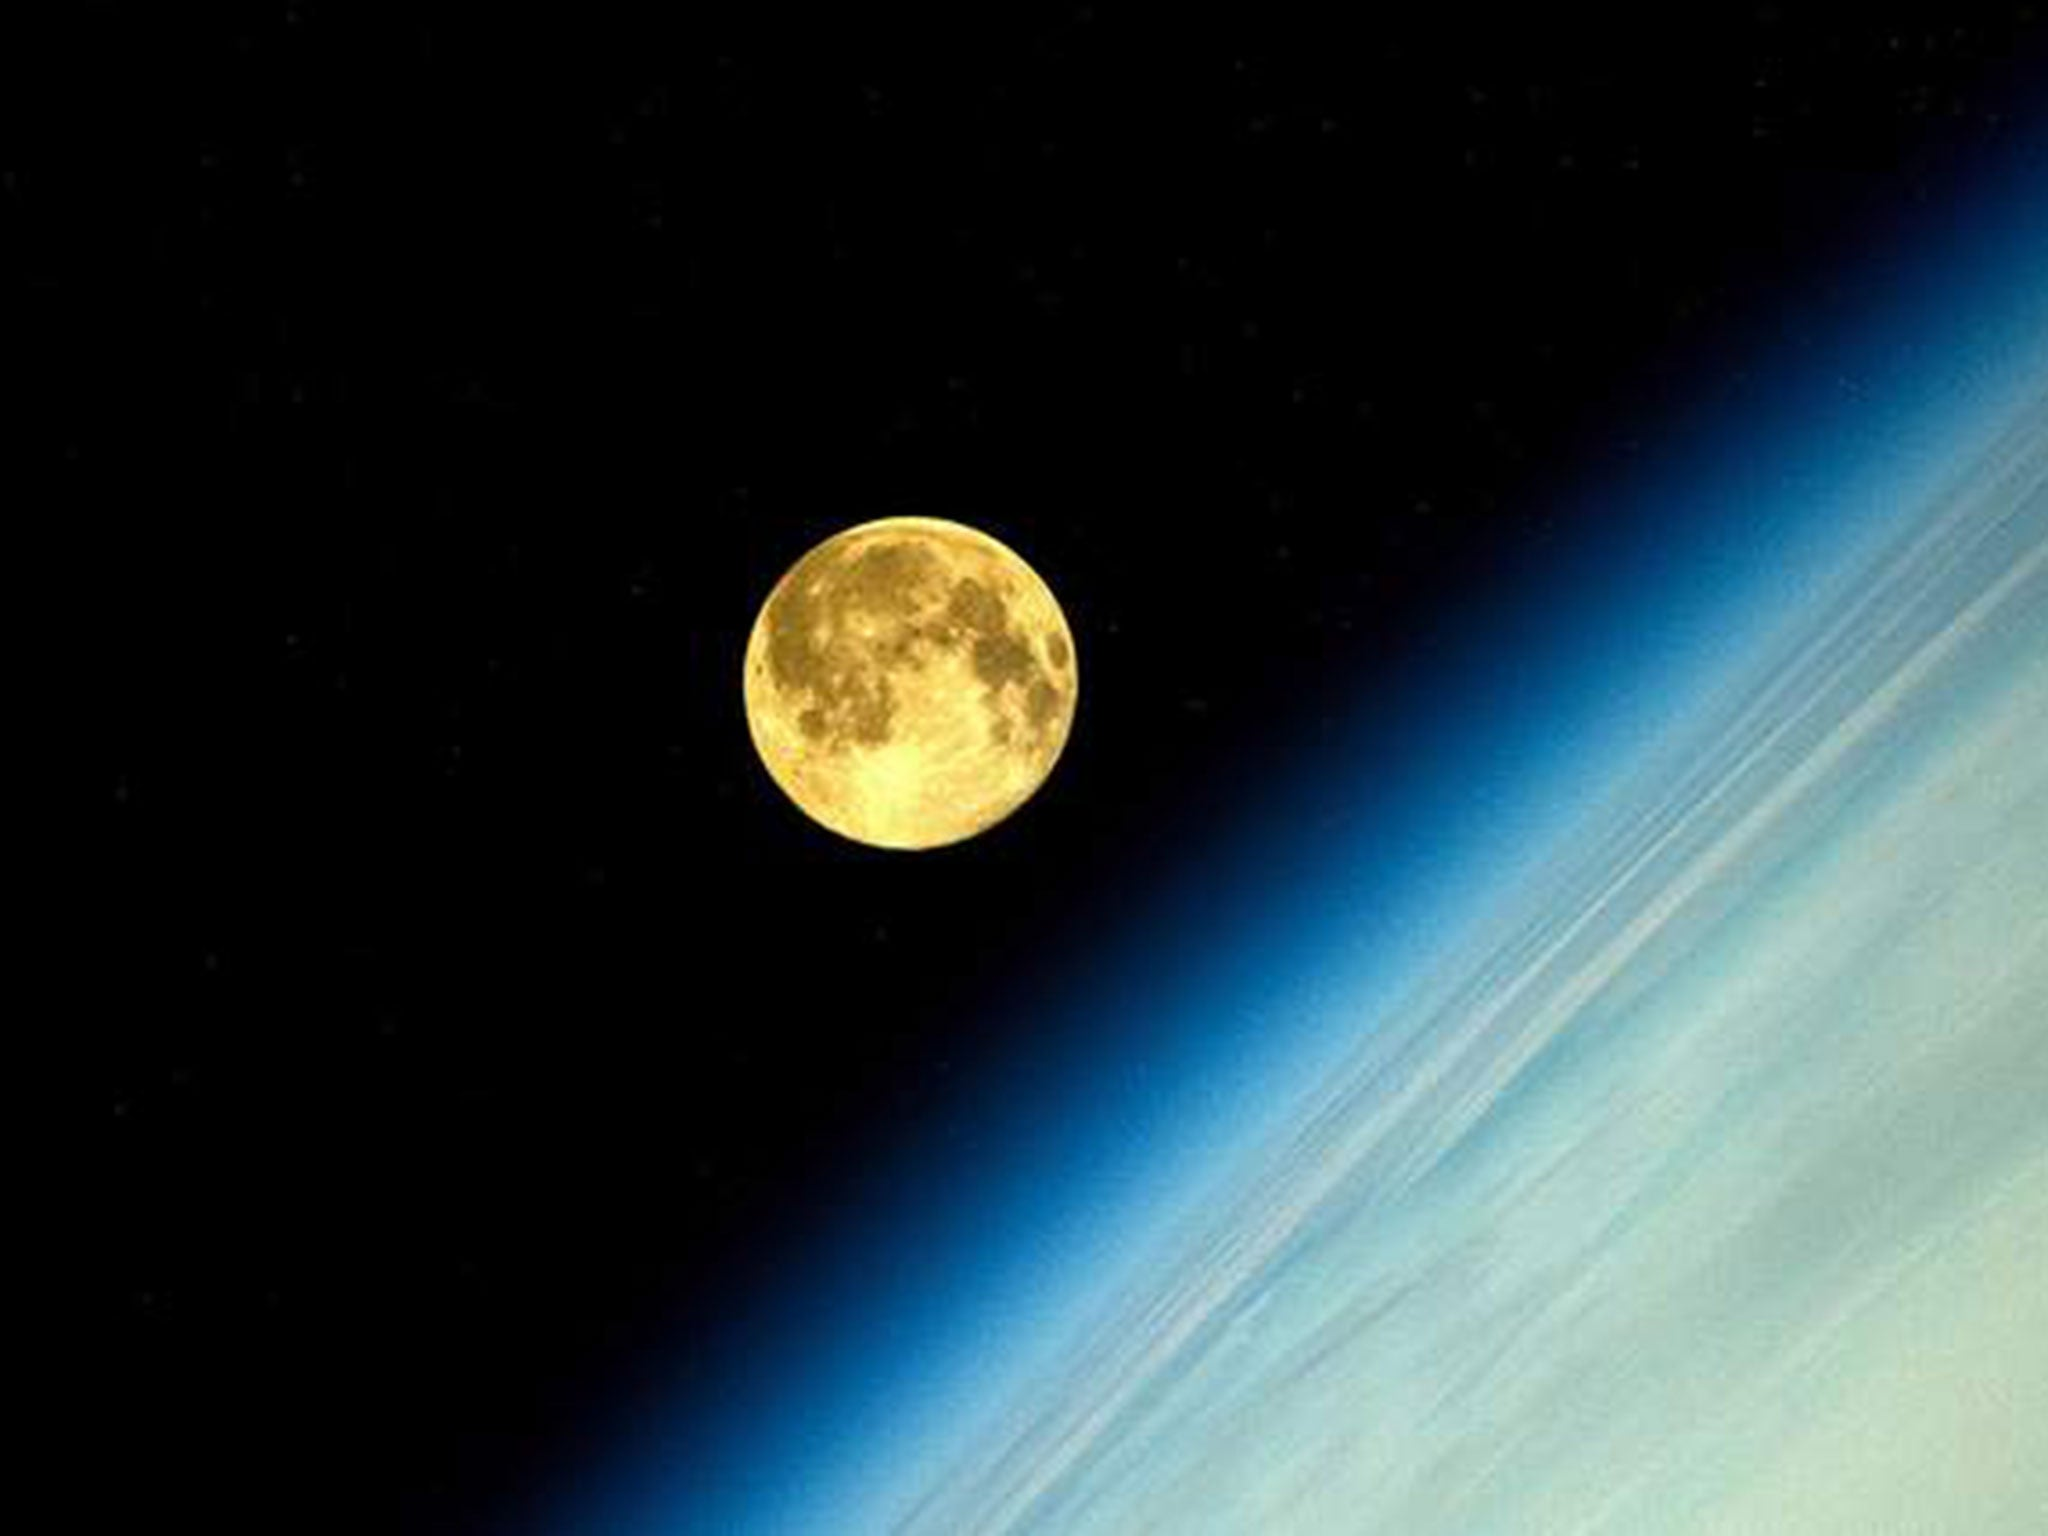 Фото луны 10 августа в тольятти 6